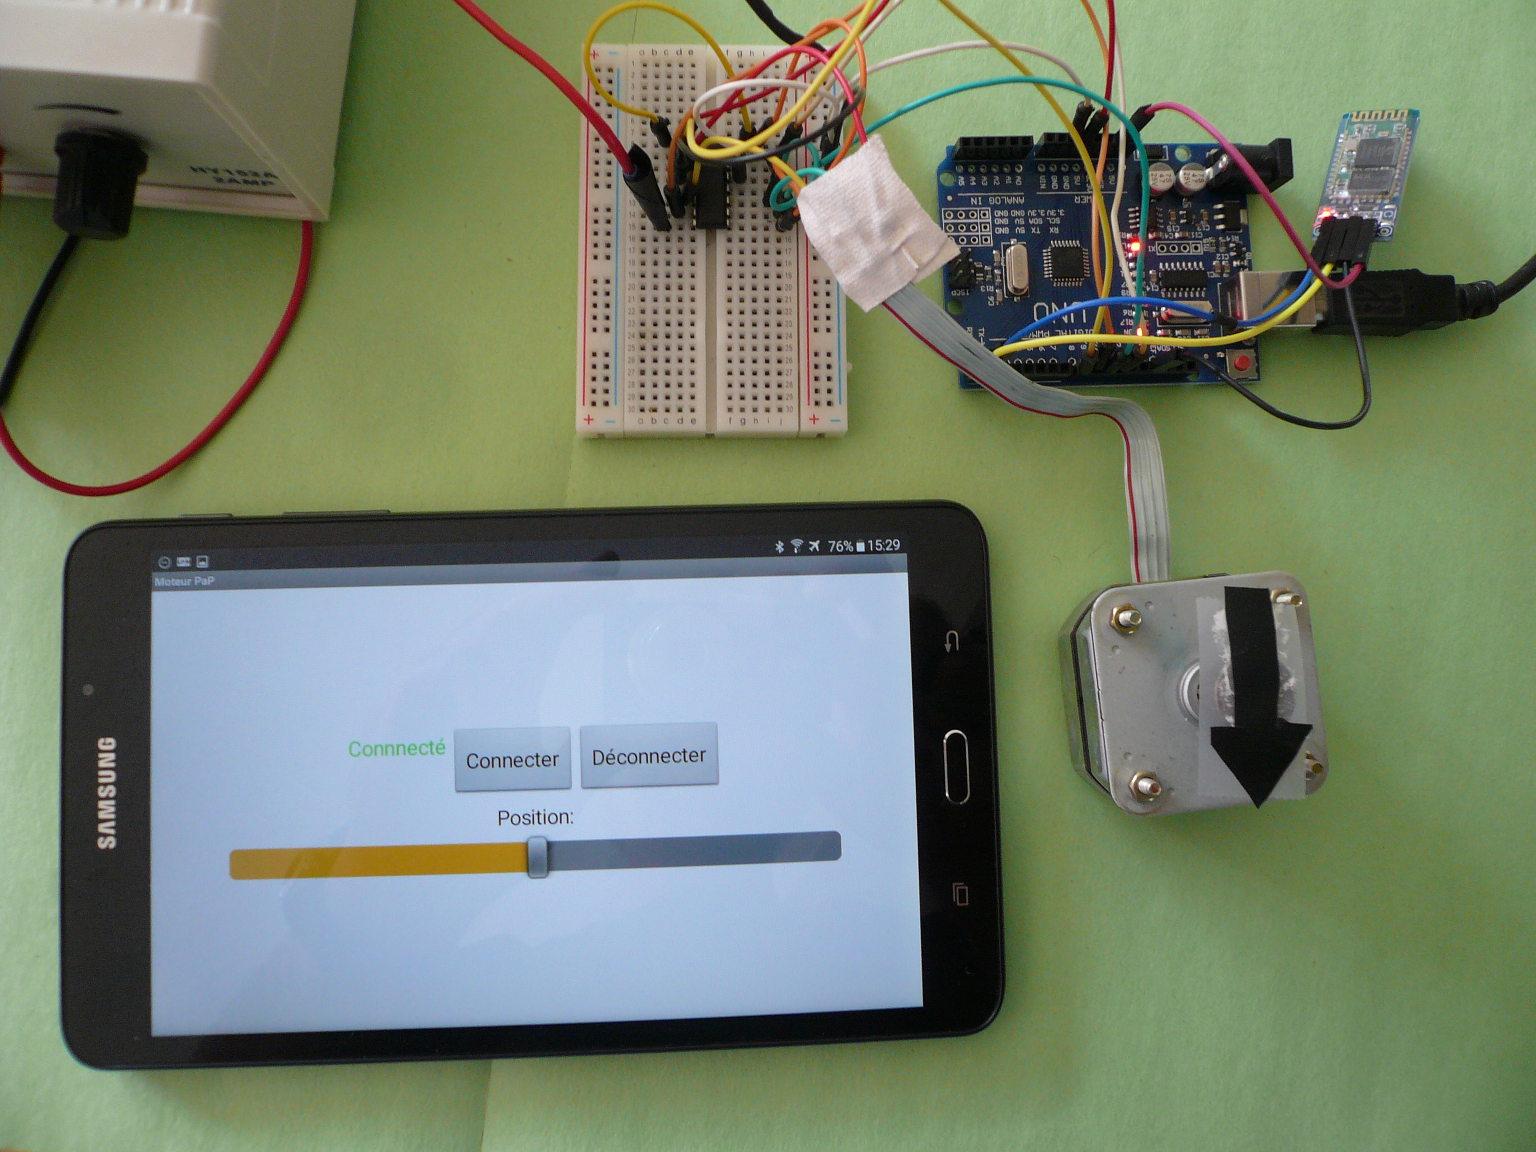 lectronique en amateur appli android pour contr ler un moteur pas pas par bluetooth arduino. Black Bedroom Furniture Sets. Home Design Ideas